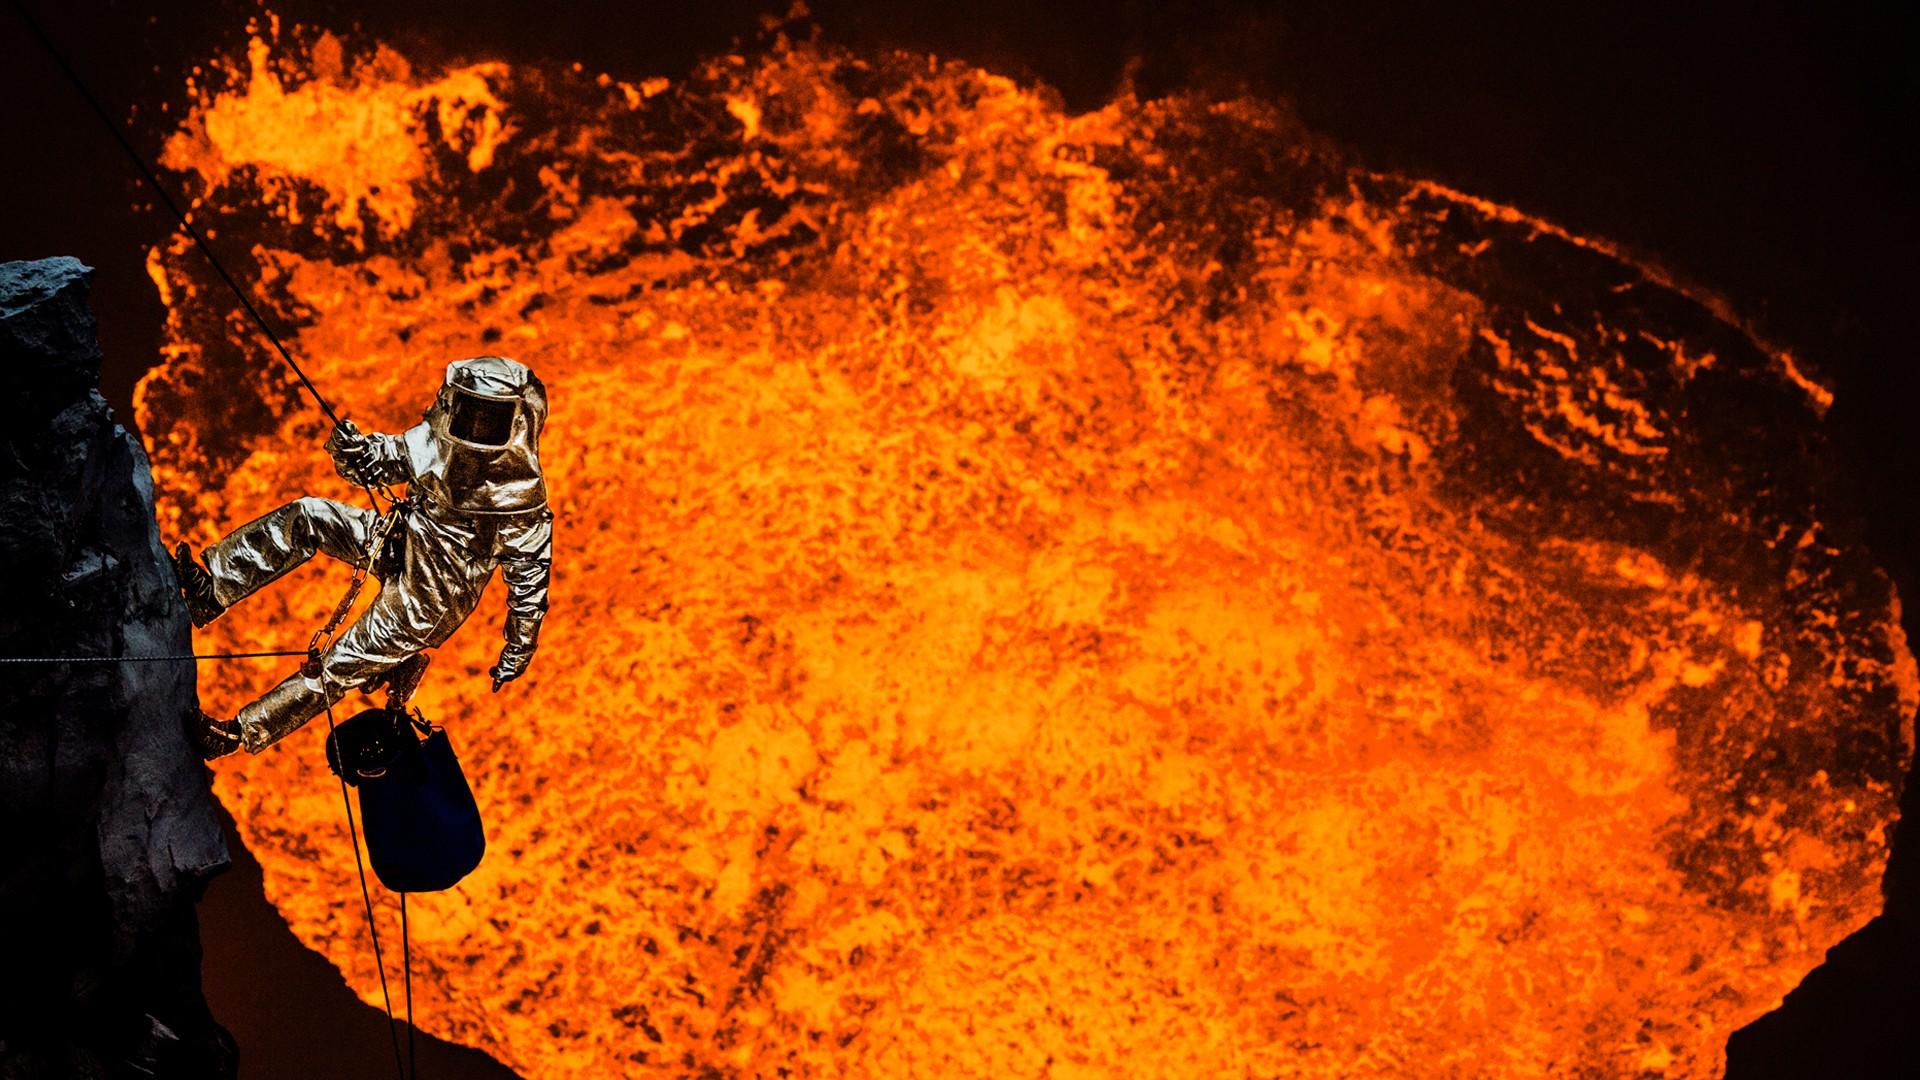 Sam Cossman Suspended Over a Lava Lake